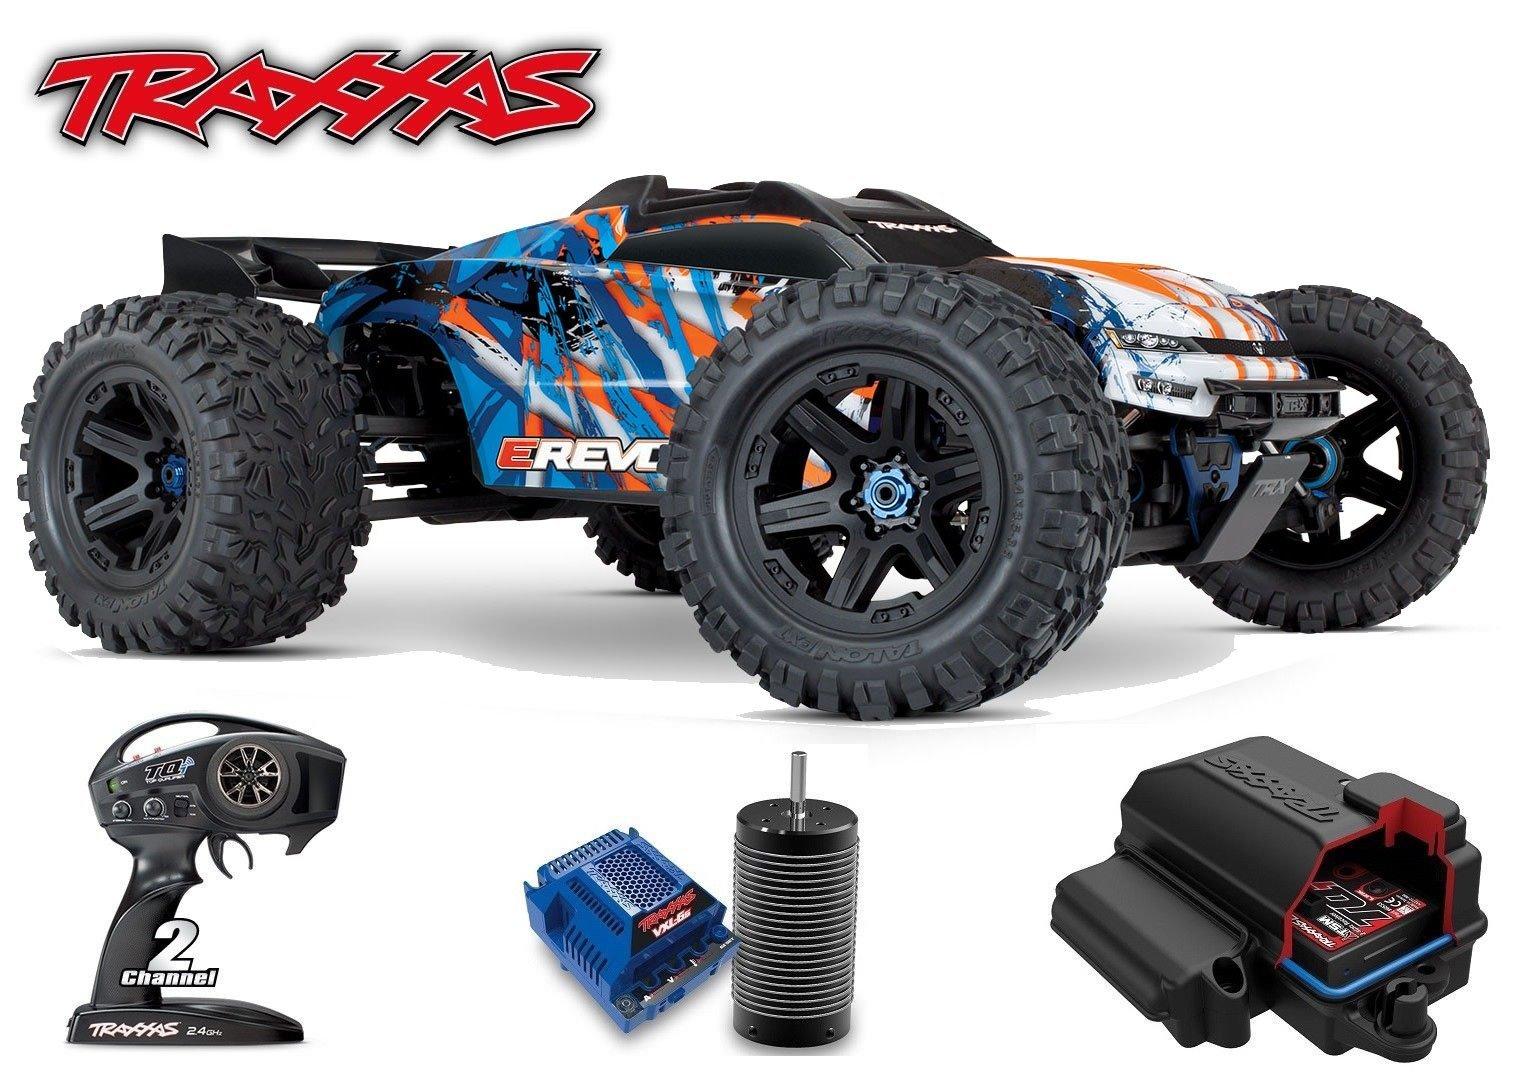 Traxxas 1/10 Scale E-Revo Brushless Racing Monster Truck, Orange